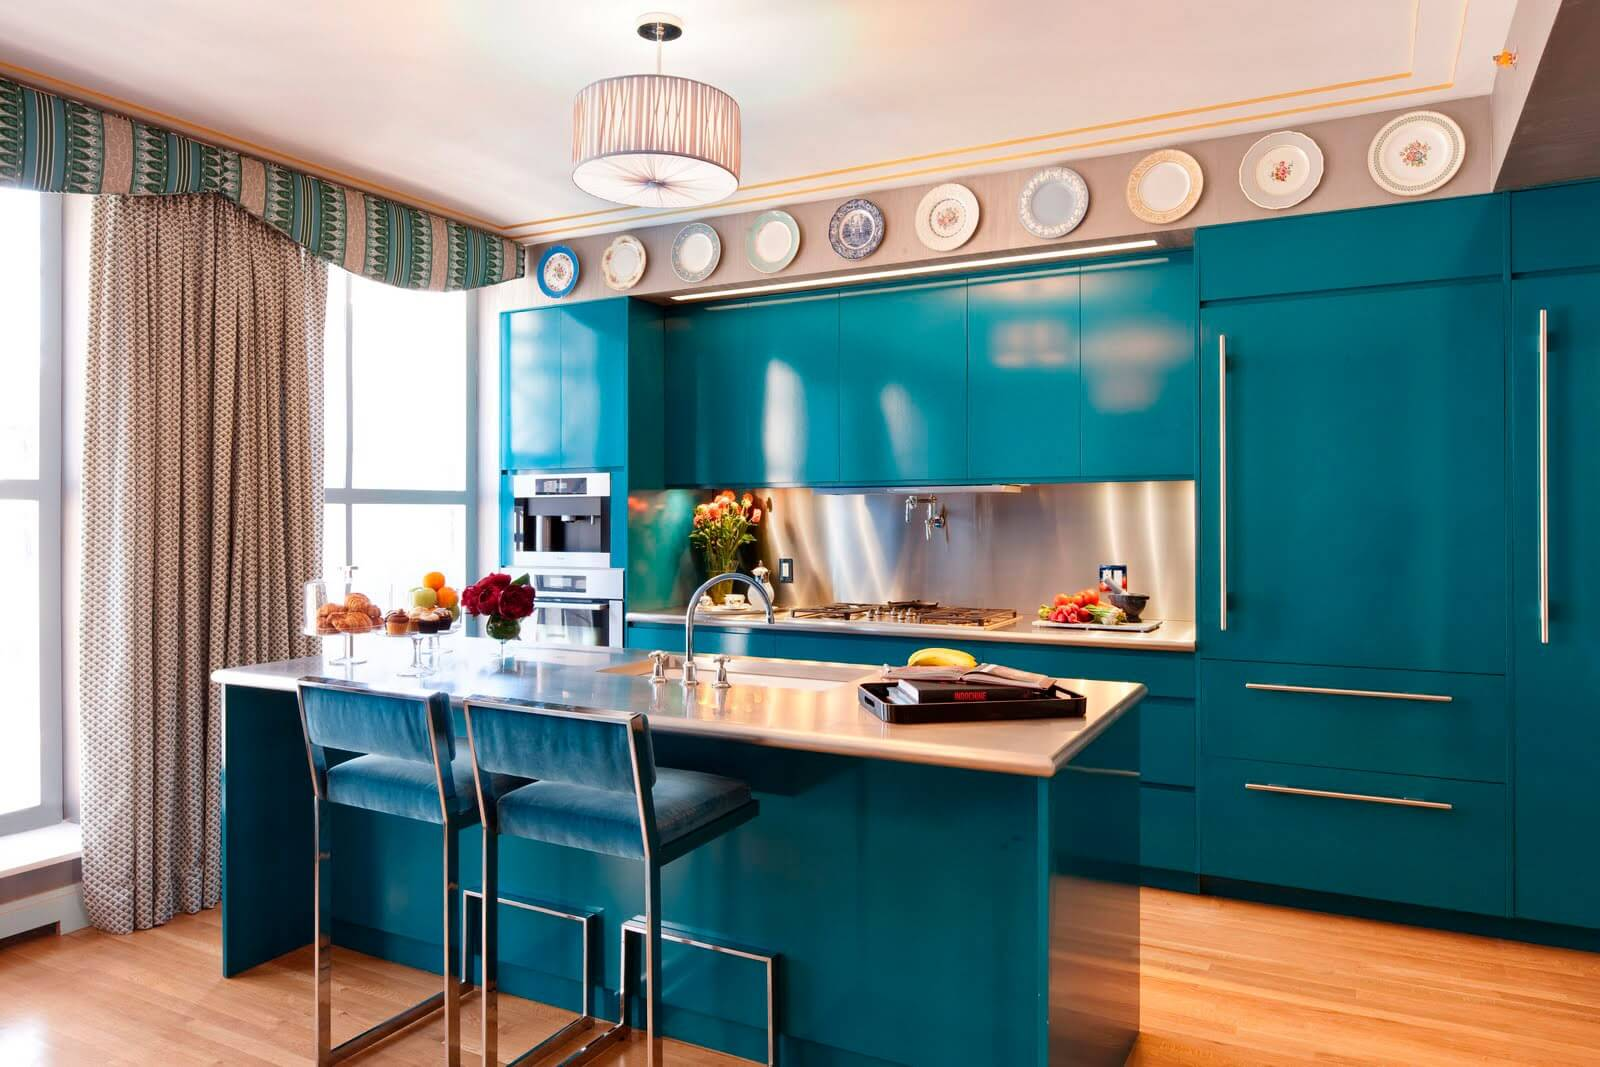 Кухни бирюзового цвета: 50 идей и фото примеров мебели и интерьеров